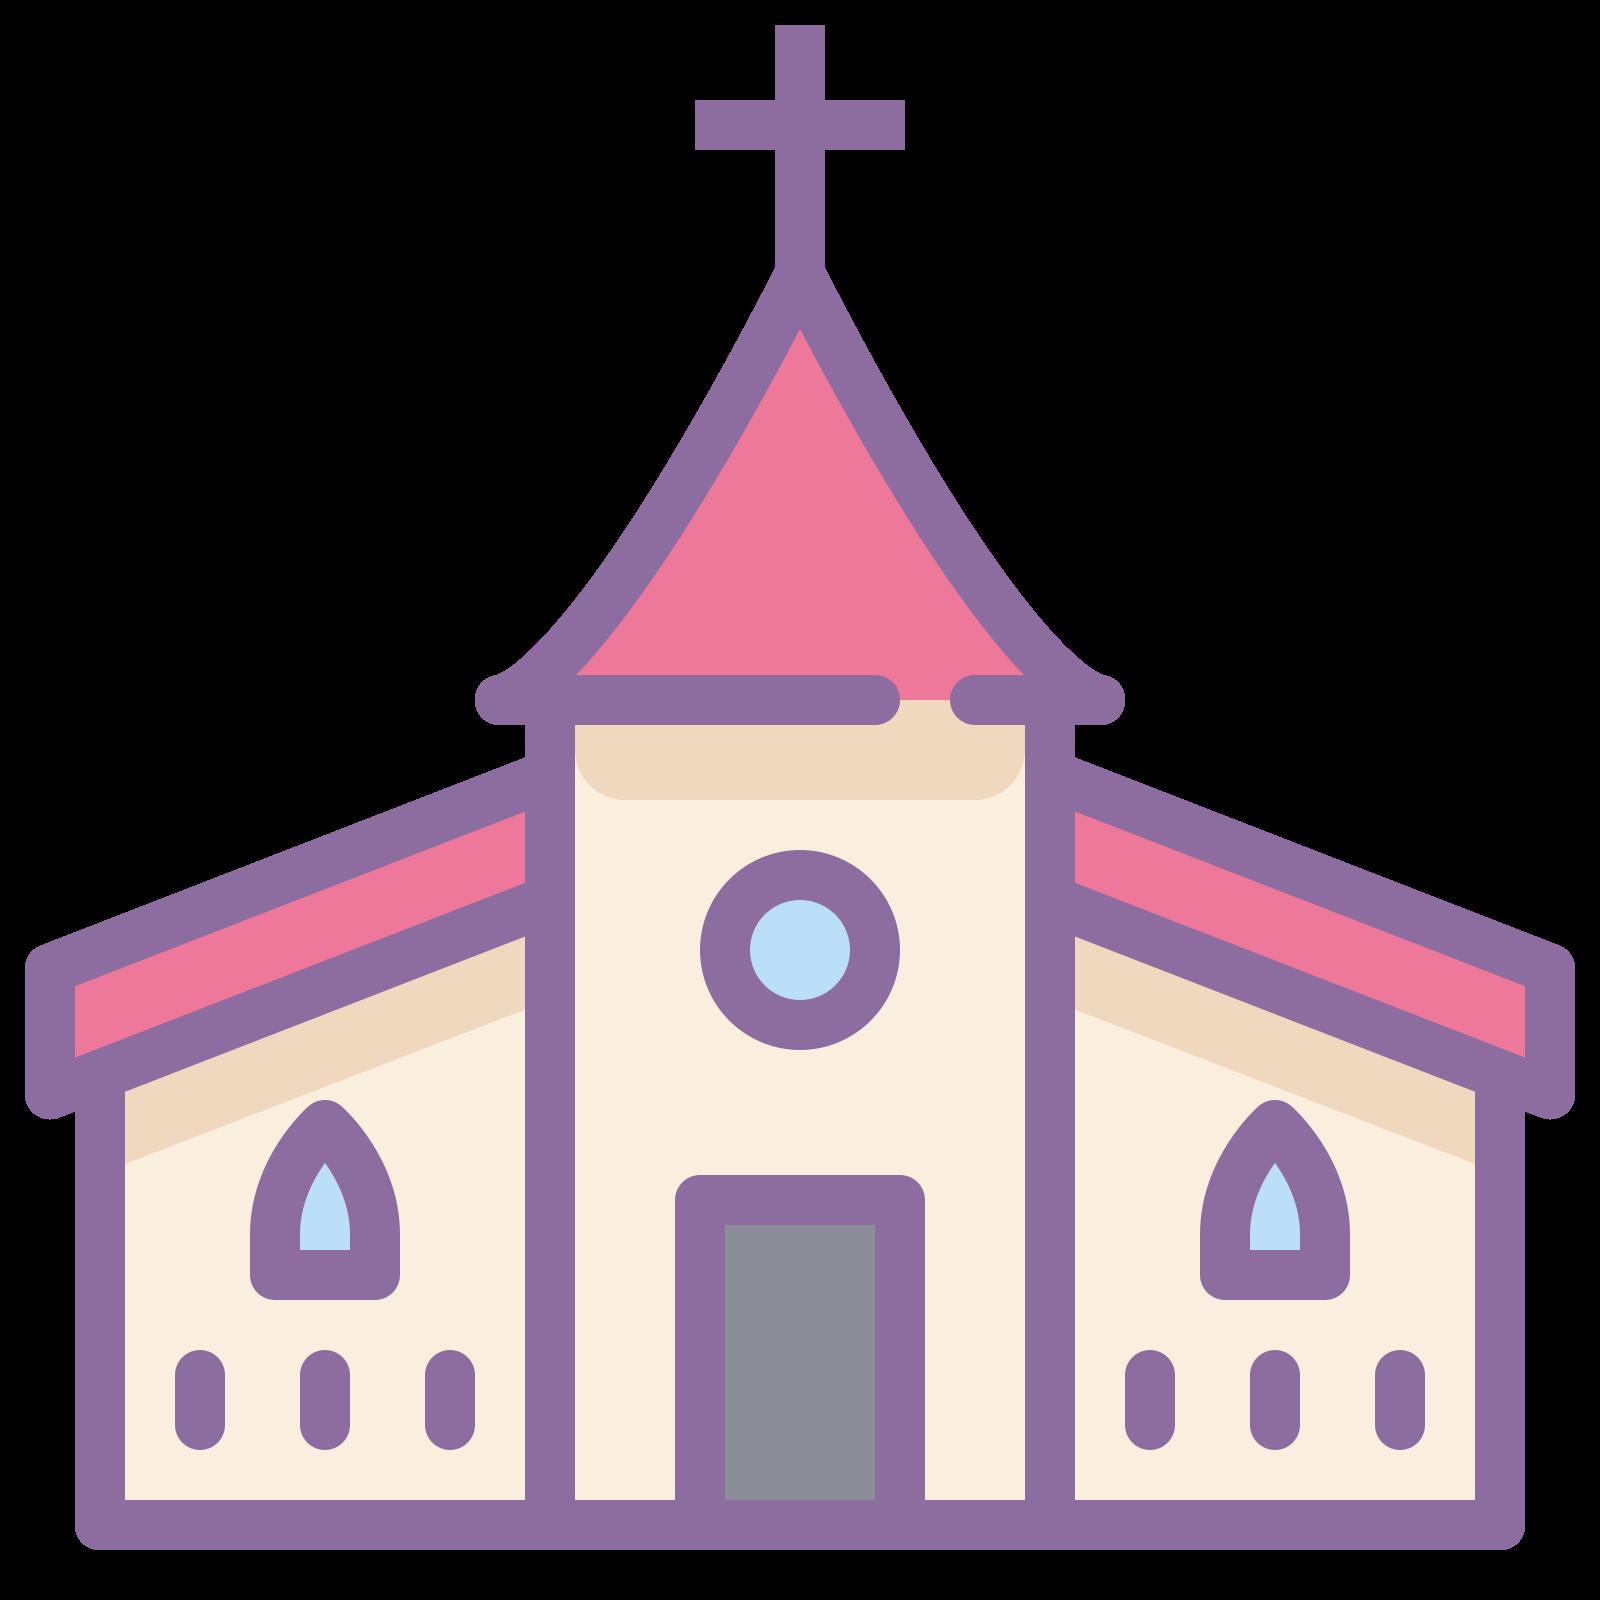 Iglesia icon